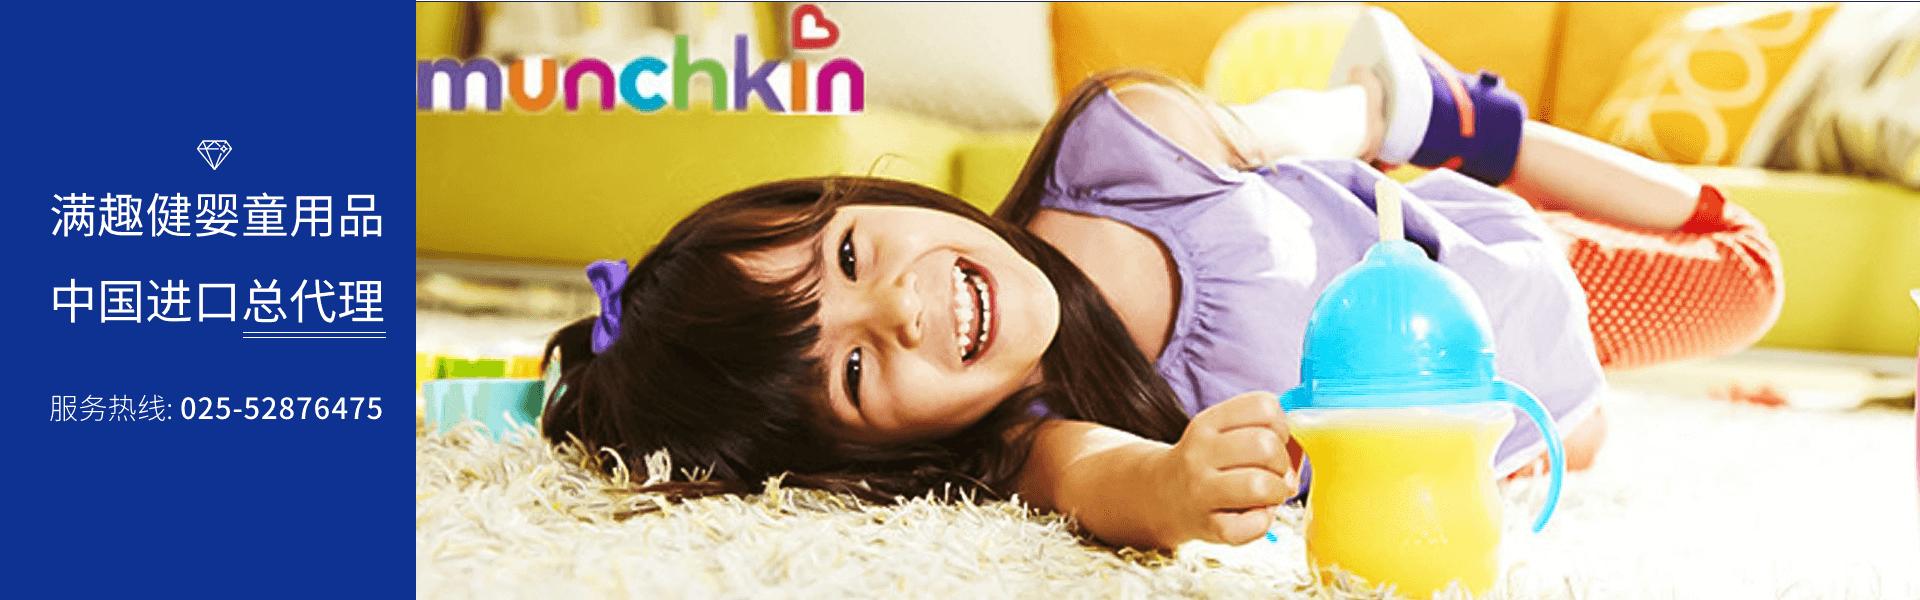 满趣健婴童用品中国进口总代理